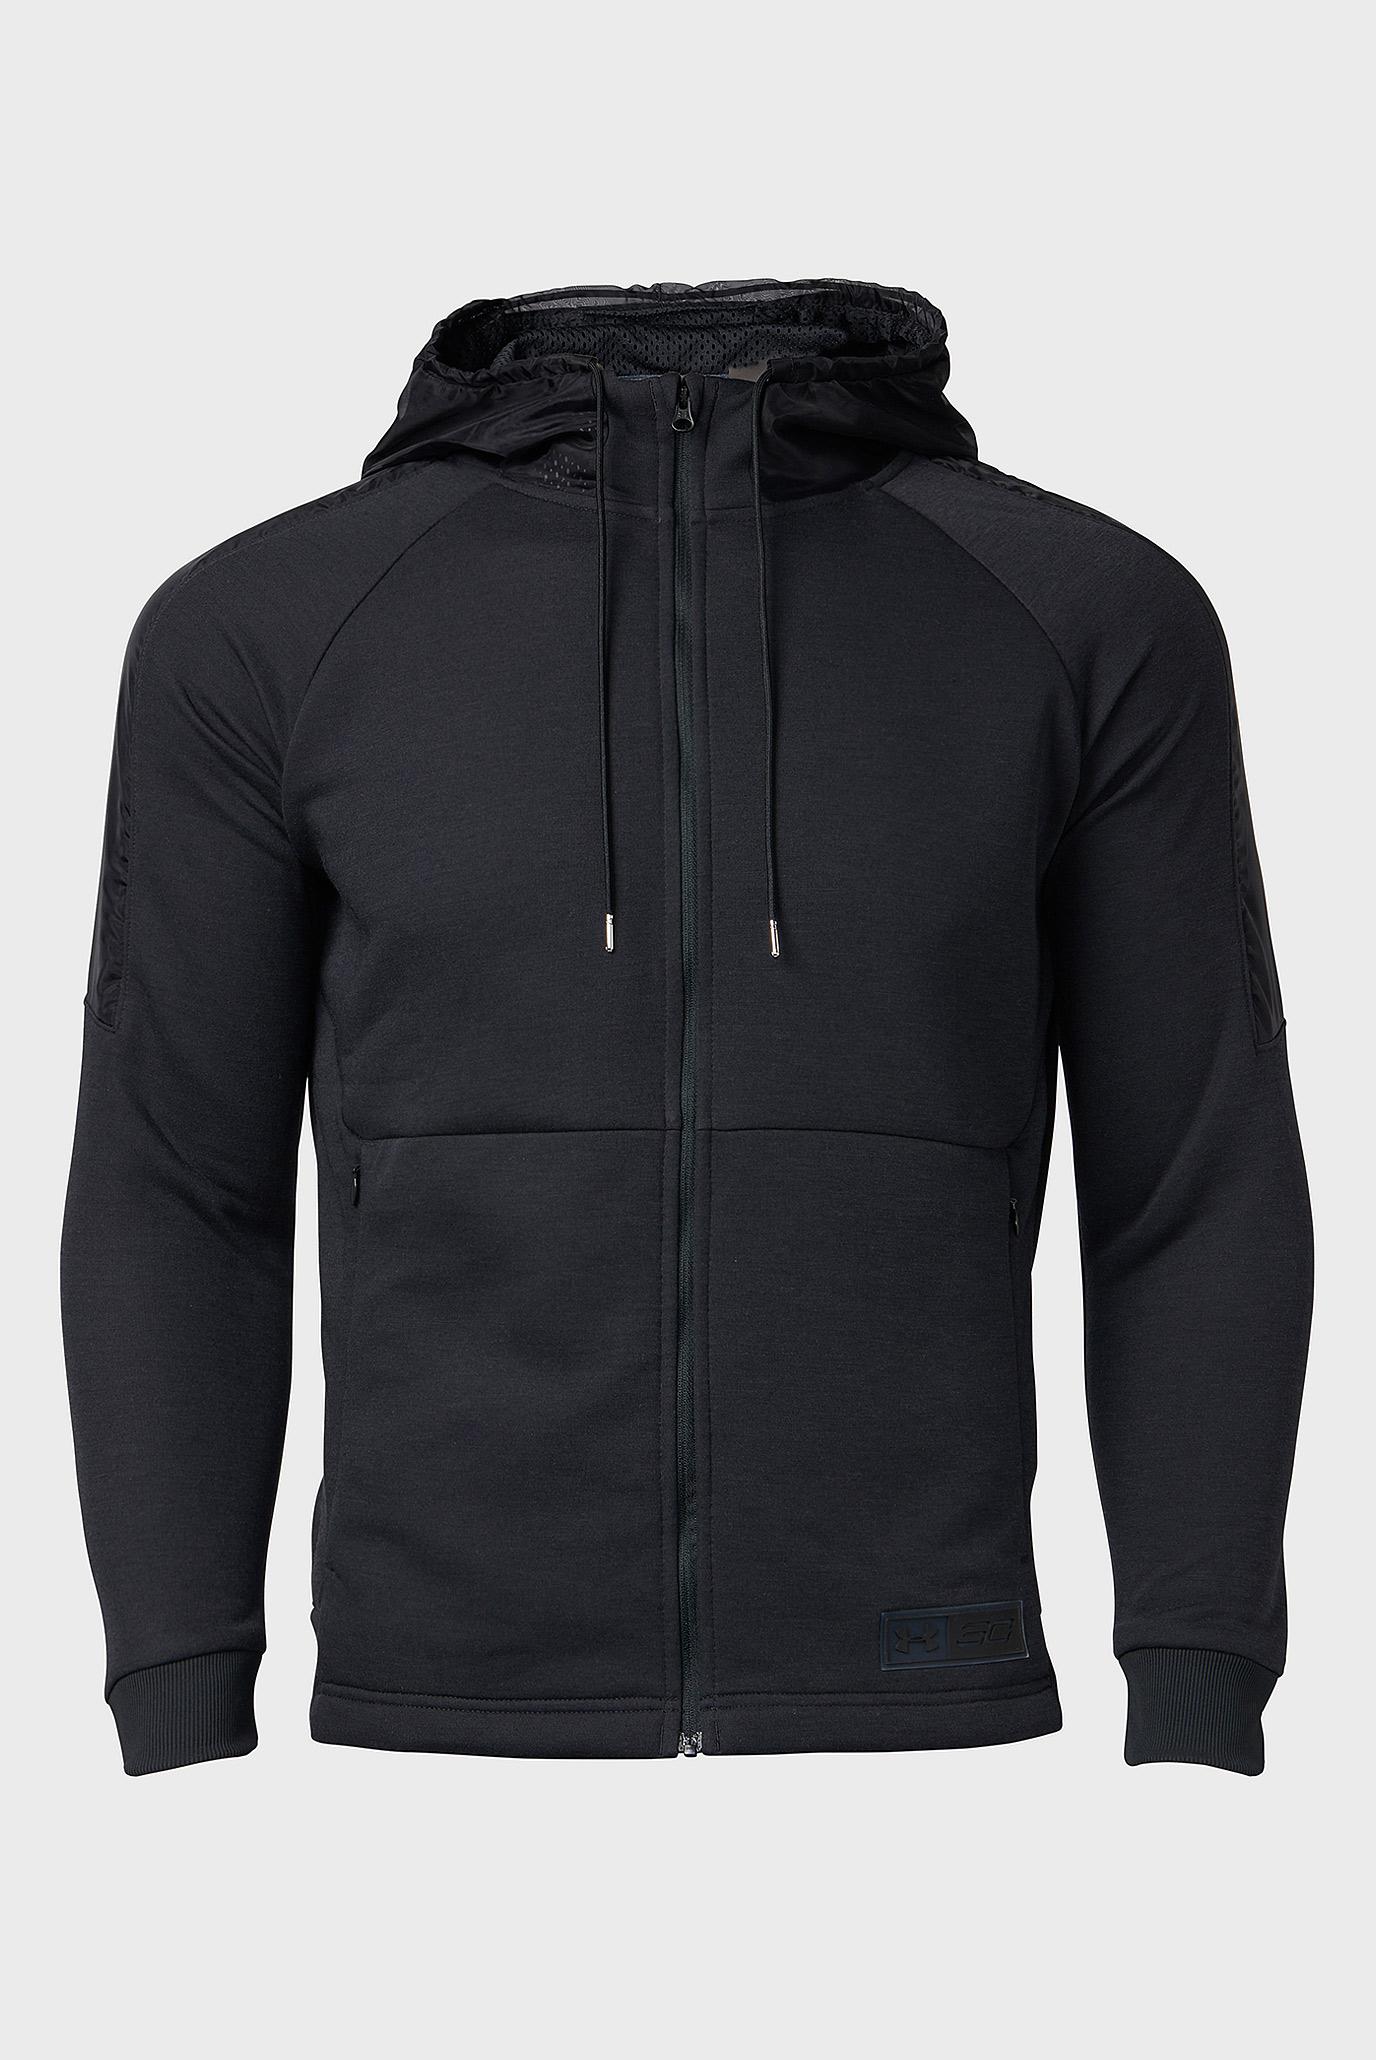 Купить Мужское черное худи SC30 ULTRA PERF Under Armour Under Armour 1326738-001 – Киев, Украина. Цены в интернет магазине MD Fashion